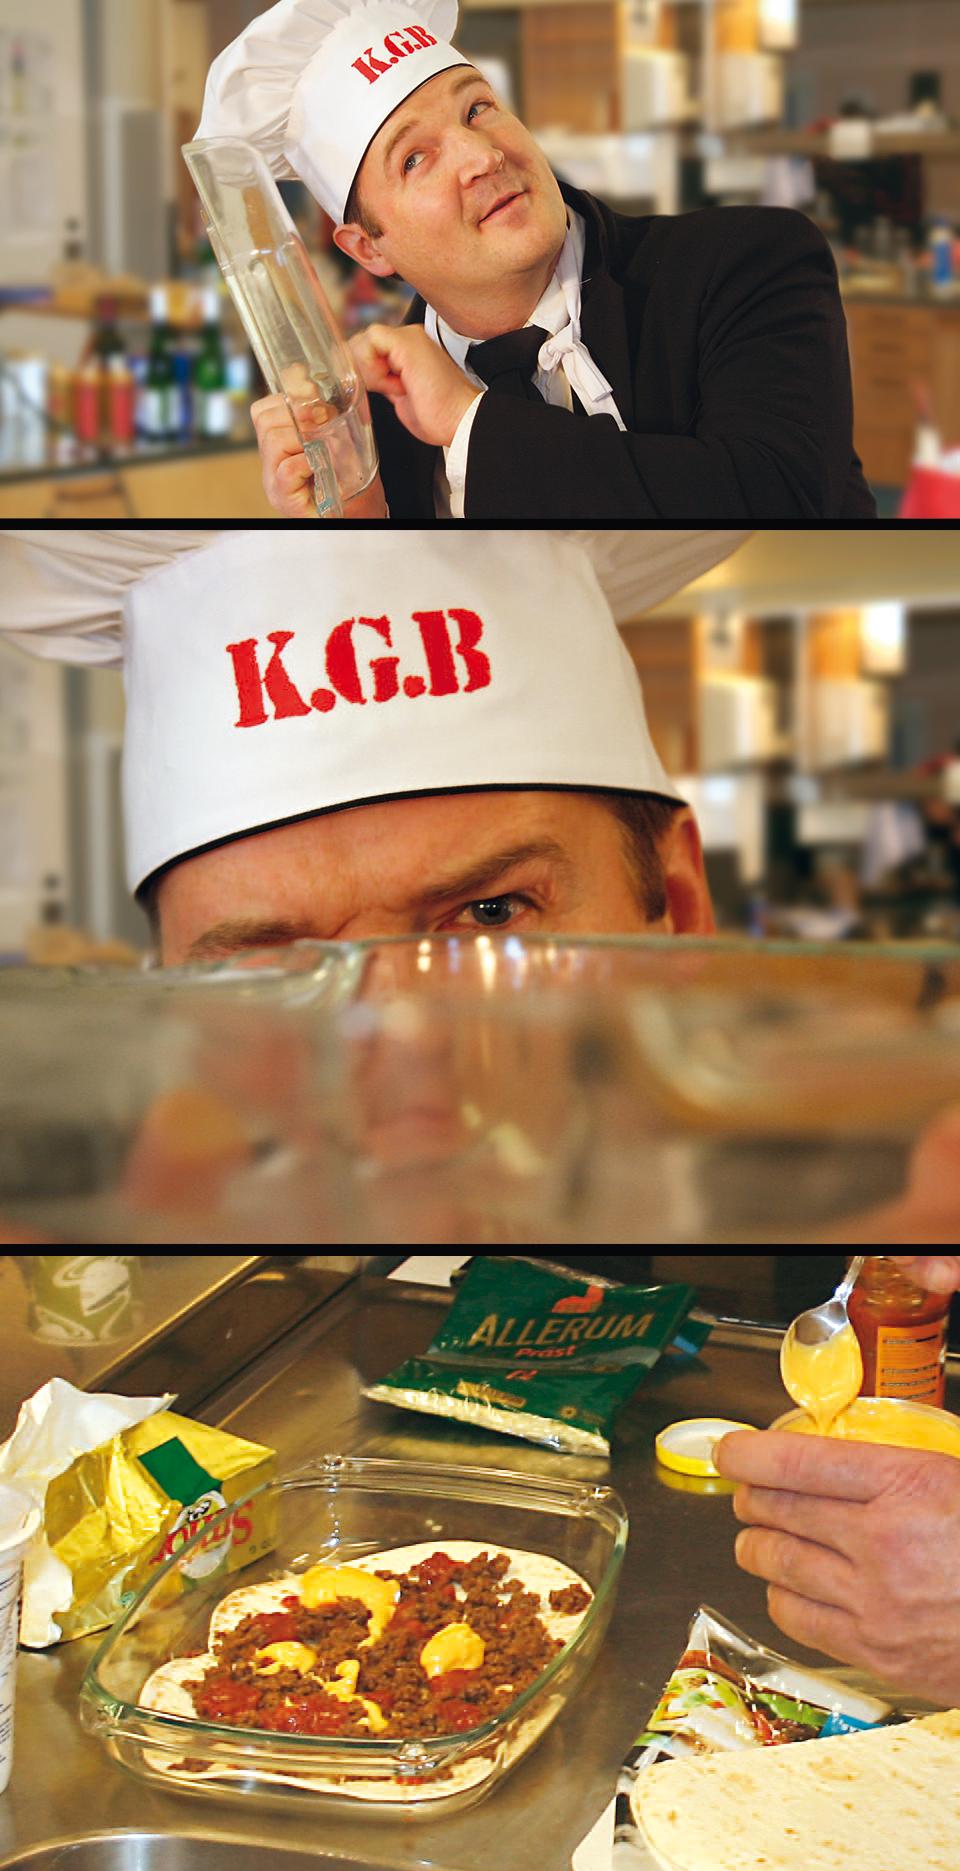 Kgb_tacolasagne